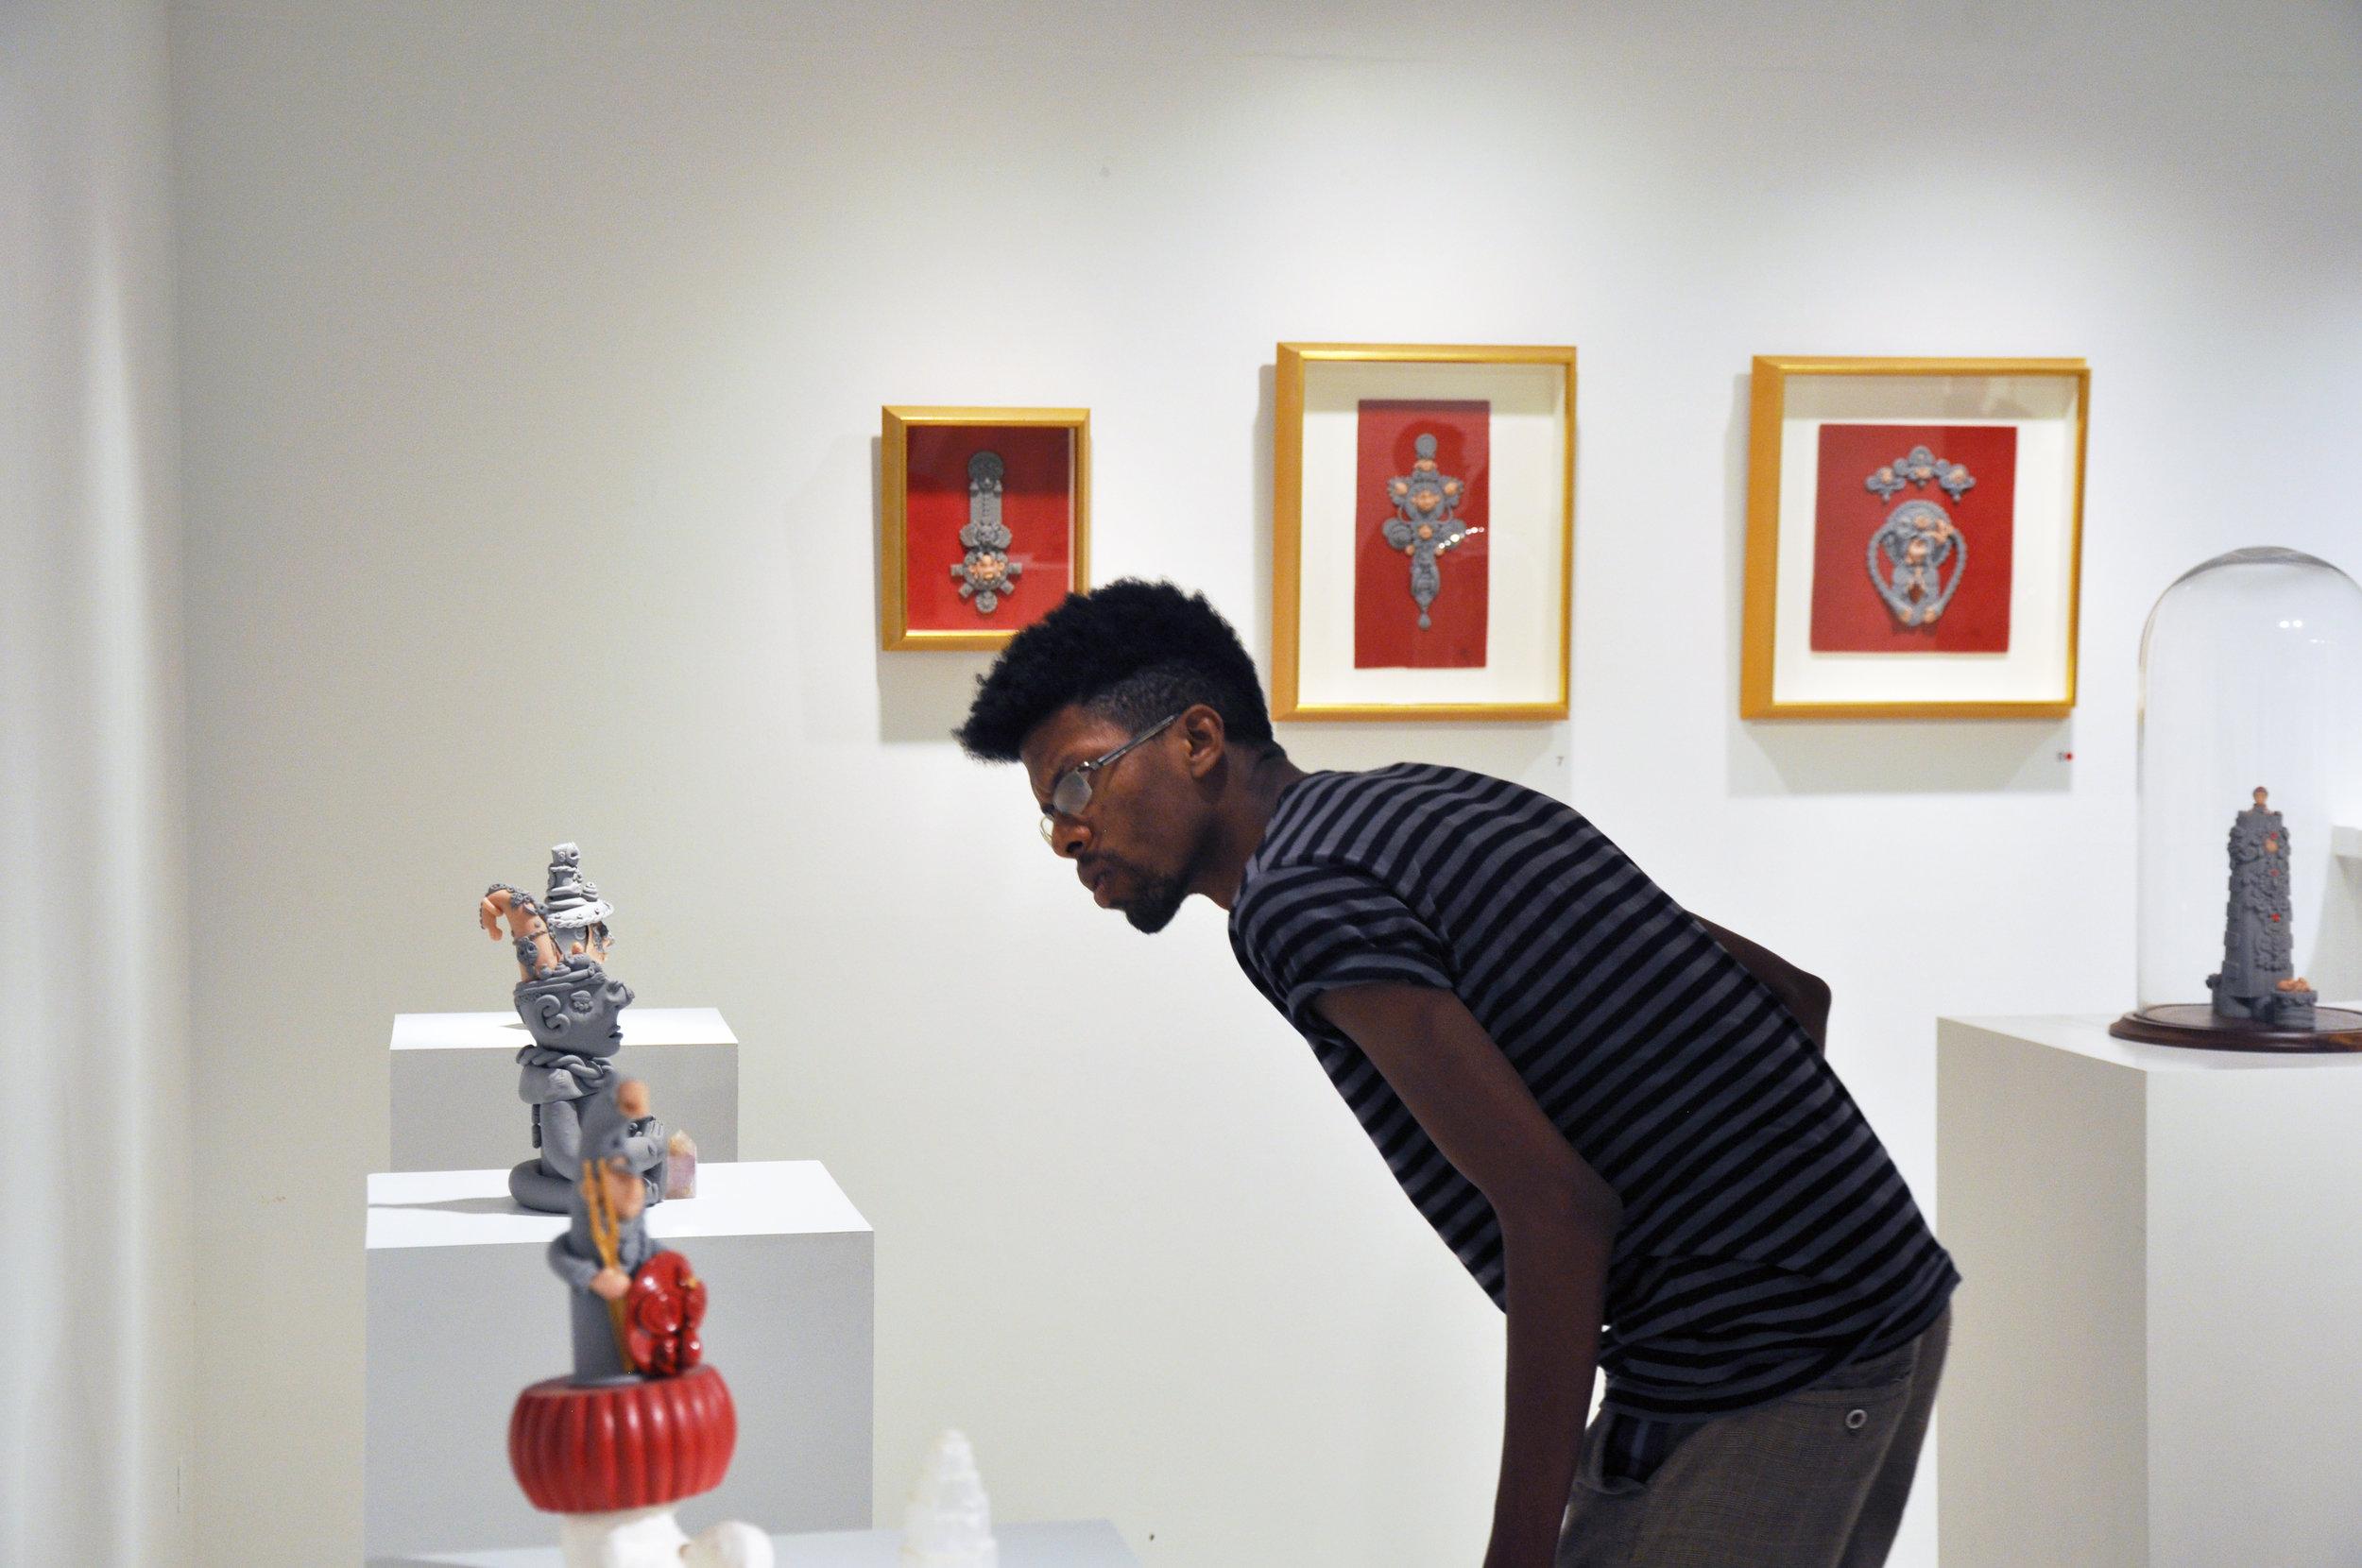 Installation view at Medulla Art Gallery, Woodbrook, Trinidad and Tobago, 2014. Photo: Joshua Lue Chee Kong